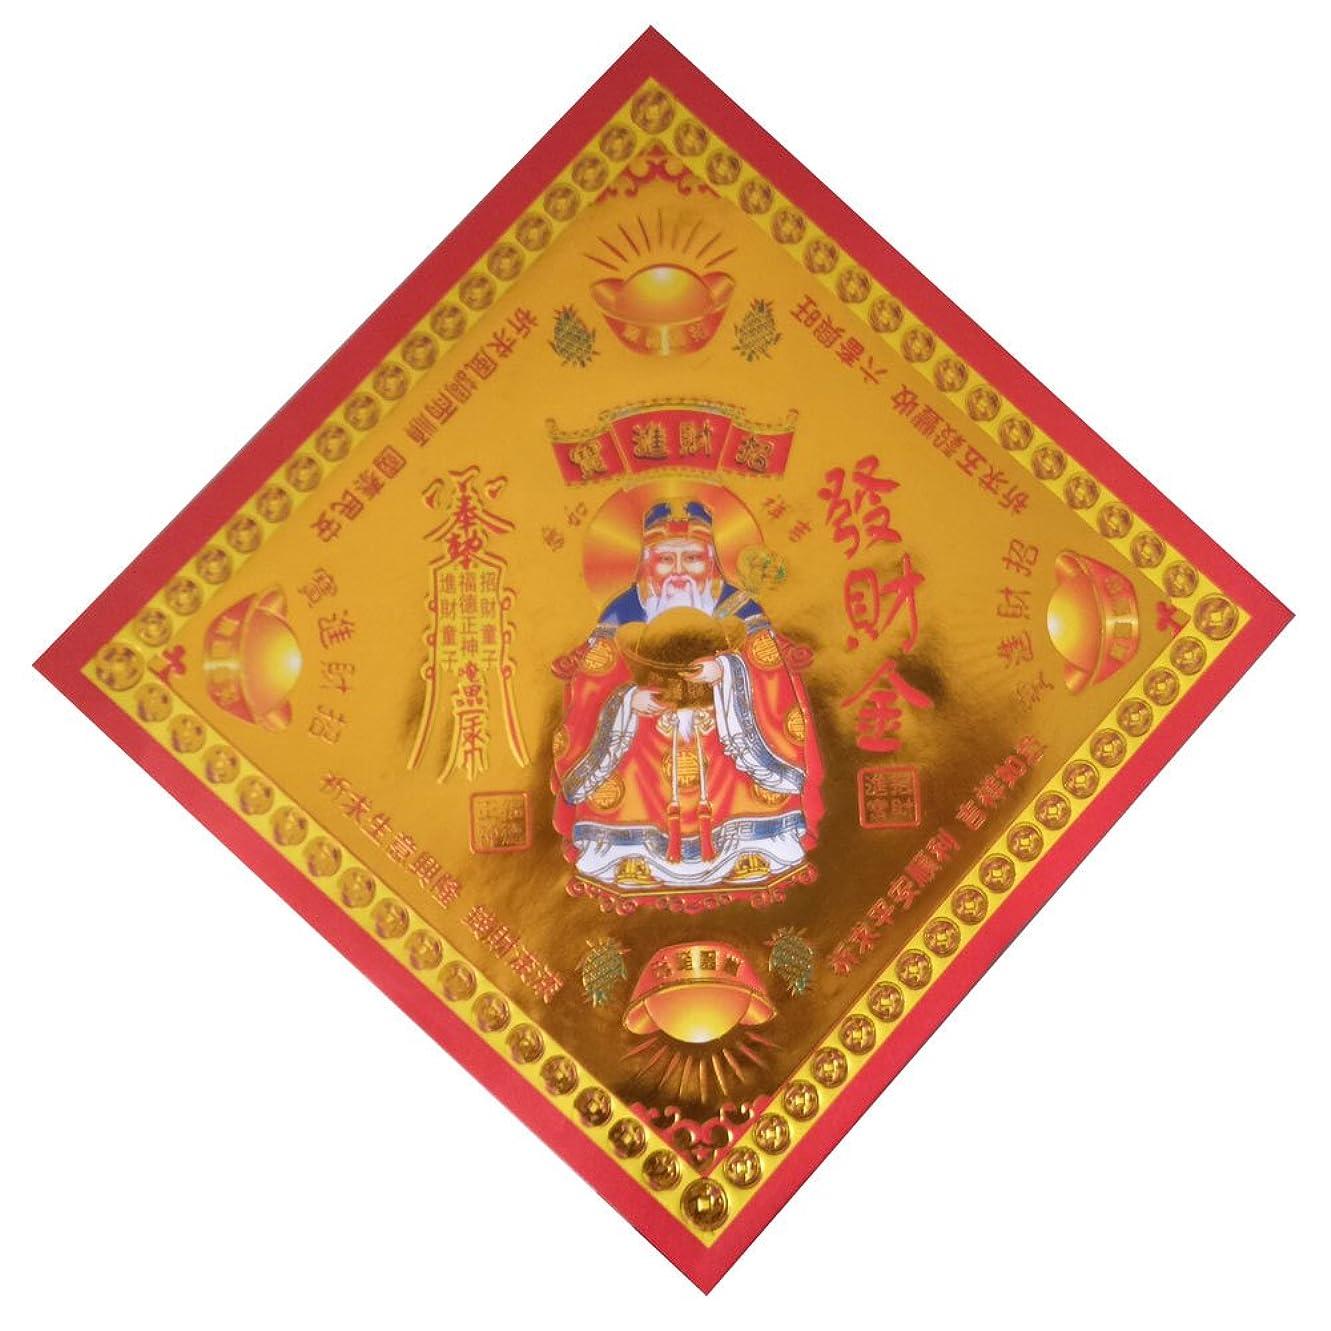 溶岩混乱させるオプショナルzeestar祖先Money Joss用紙、中国お金お金、ゴースト、Sacrificial Offerings、Offerings to the Gods?–?facaijin (40個)